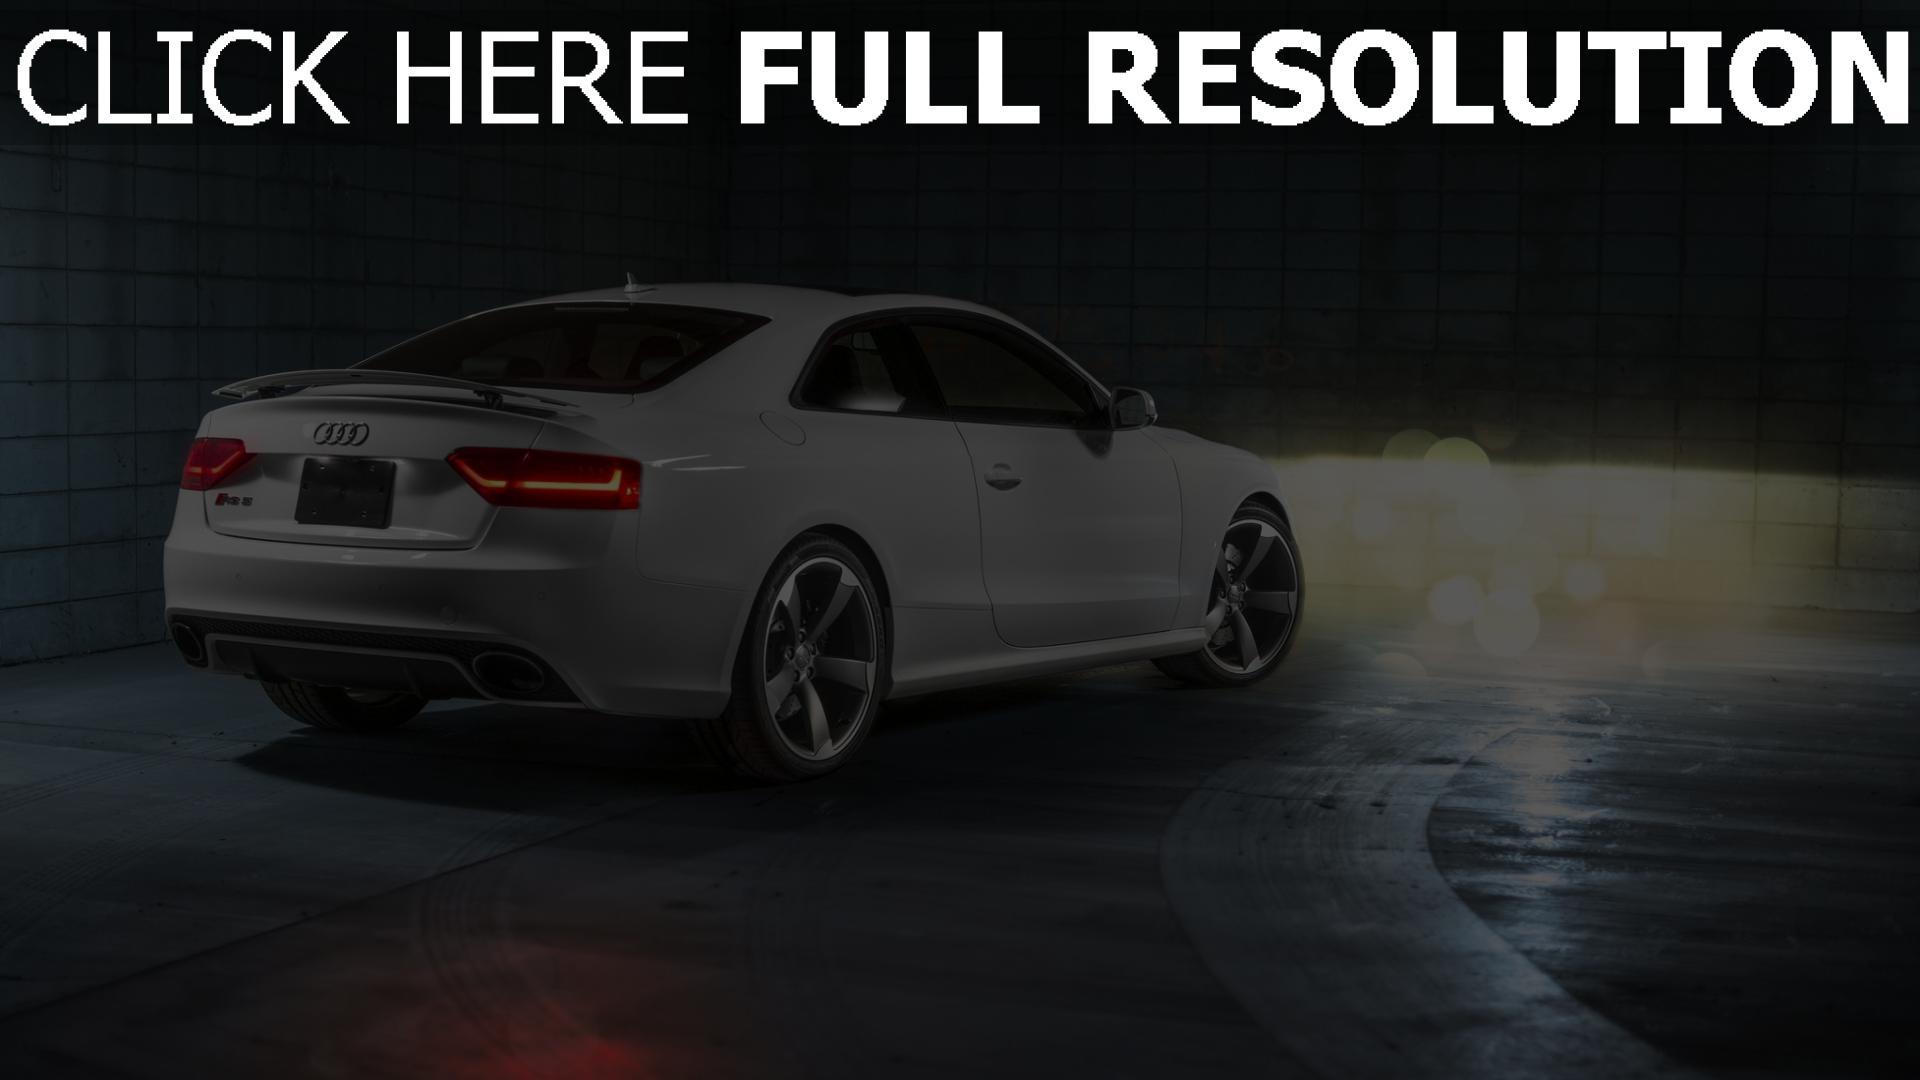 Herunterladen 1920x1080 Full Hd Hintergrundbilder Audi S5